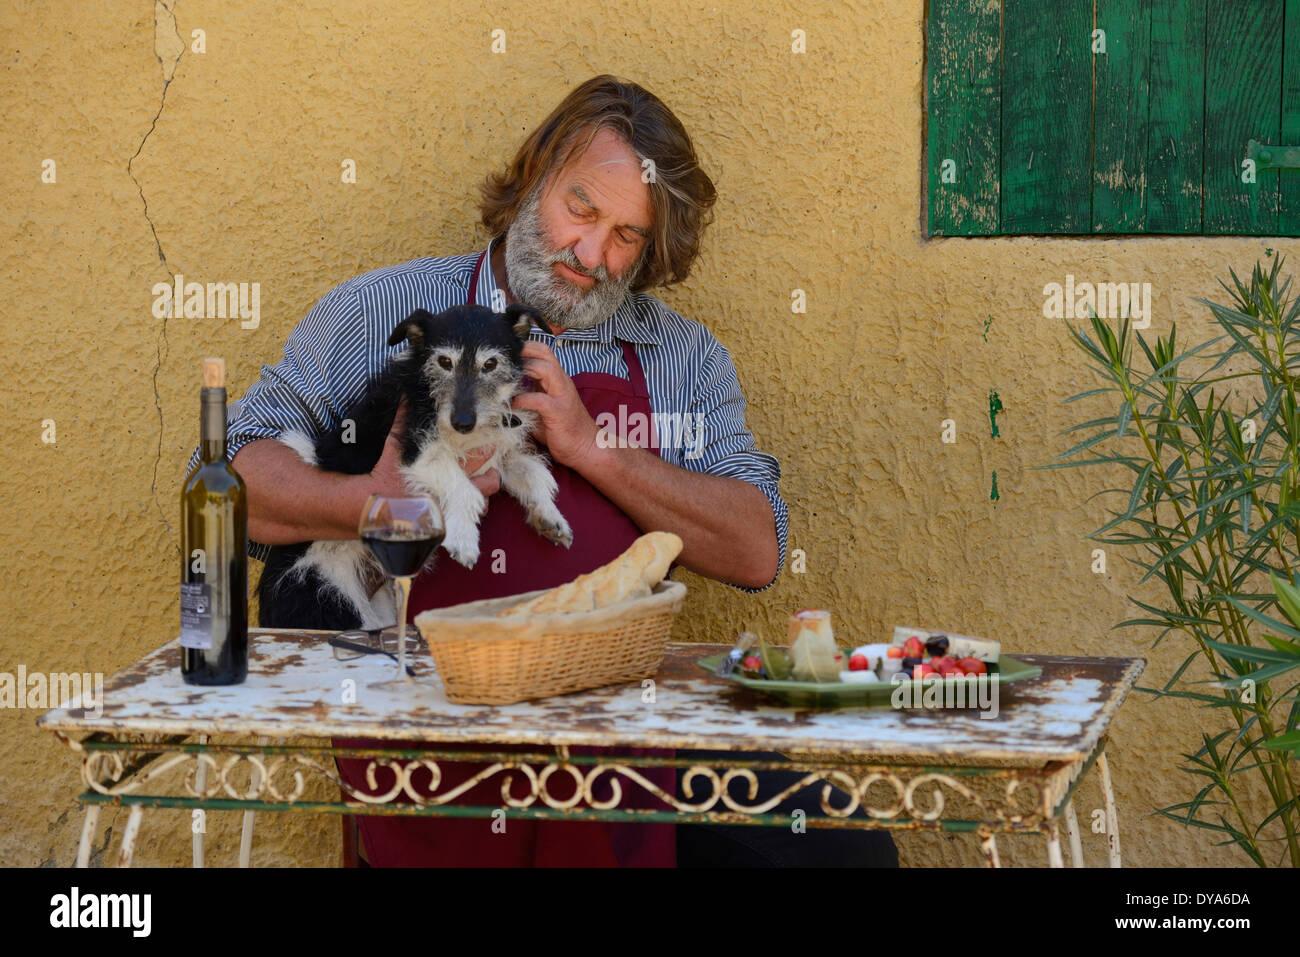 Europa, Frankreich, Provence, Mann, sitzen, französische, Tisch, Wein, St. Saturnin Les Apt, Hund, Essen, Tisch, Stockbild